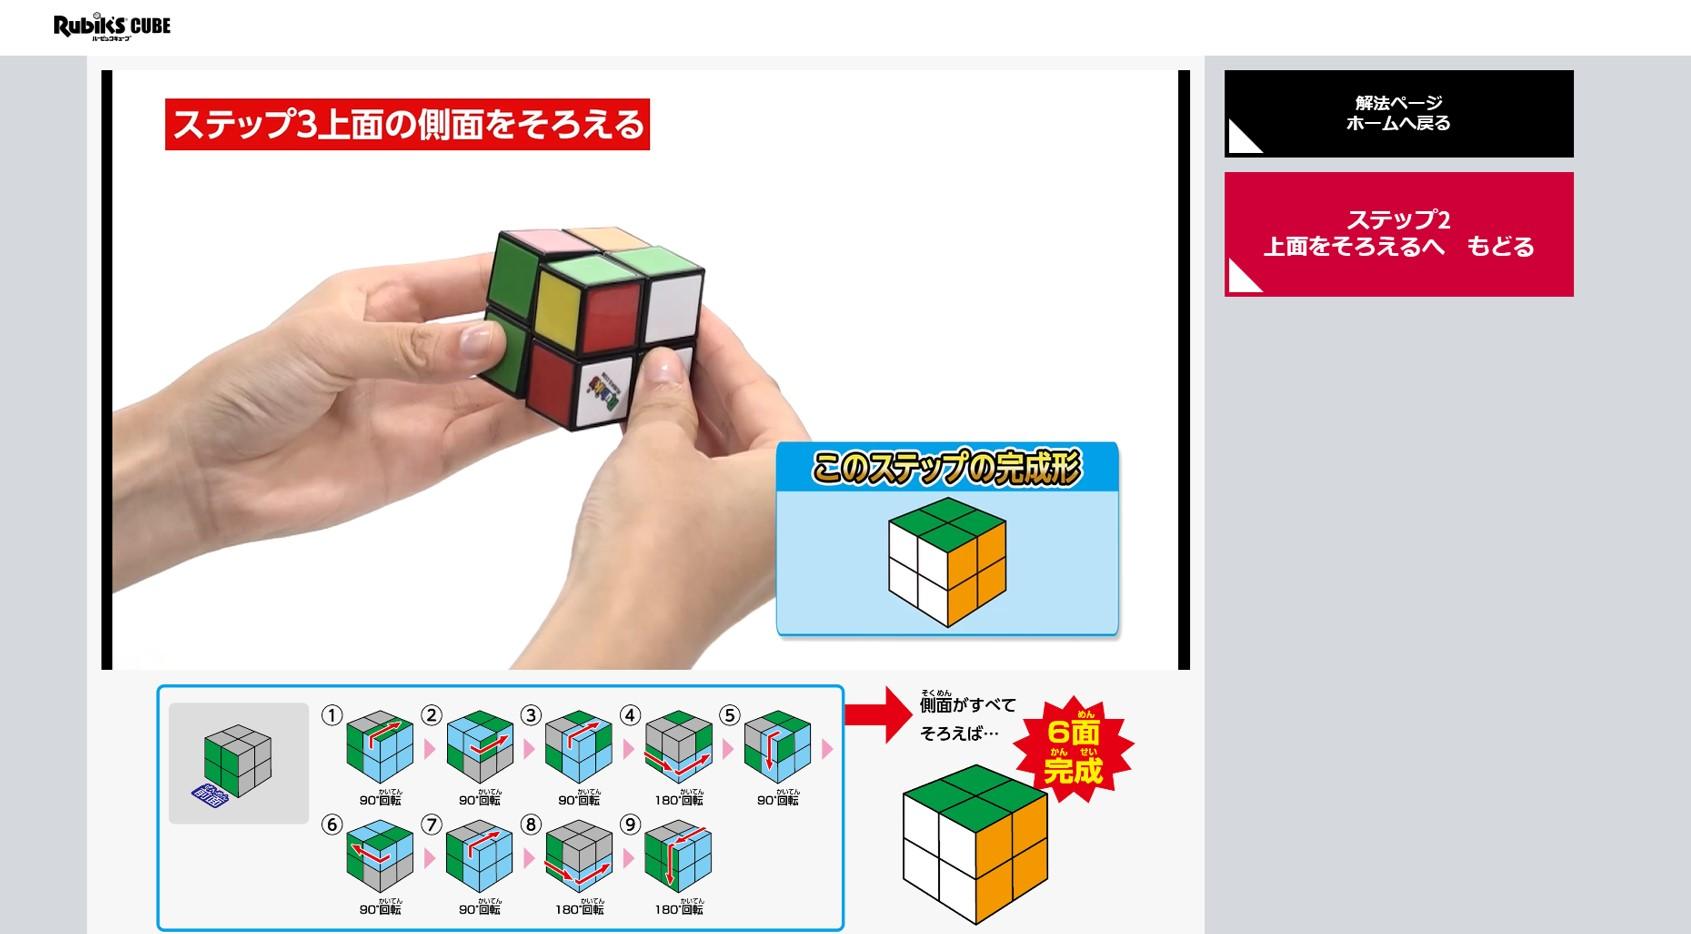 好評につき!ルービックキューブ2×2の【公式】6面完成攻略動画サイトも ...